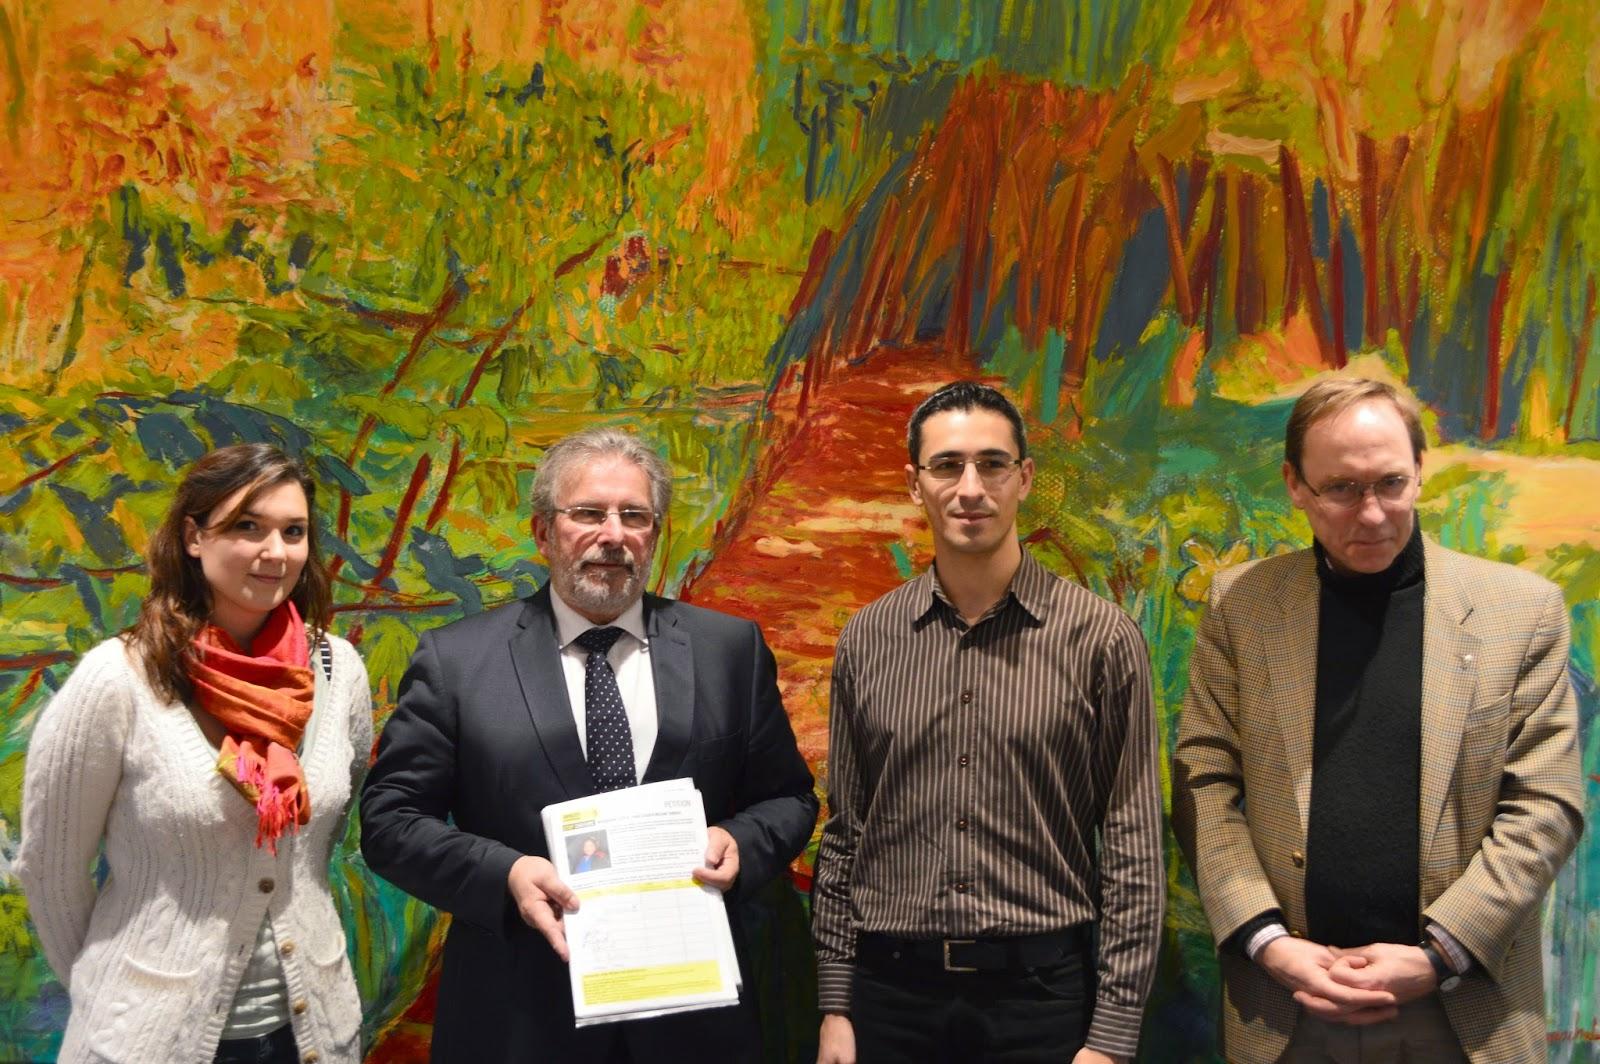 http://amnesty-luxembourg-photos.blogspot.com/2014/12/rencontre-entre-le-president-de-la.html